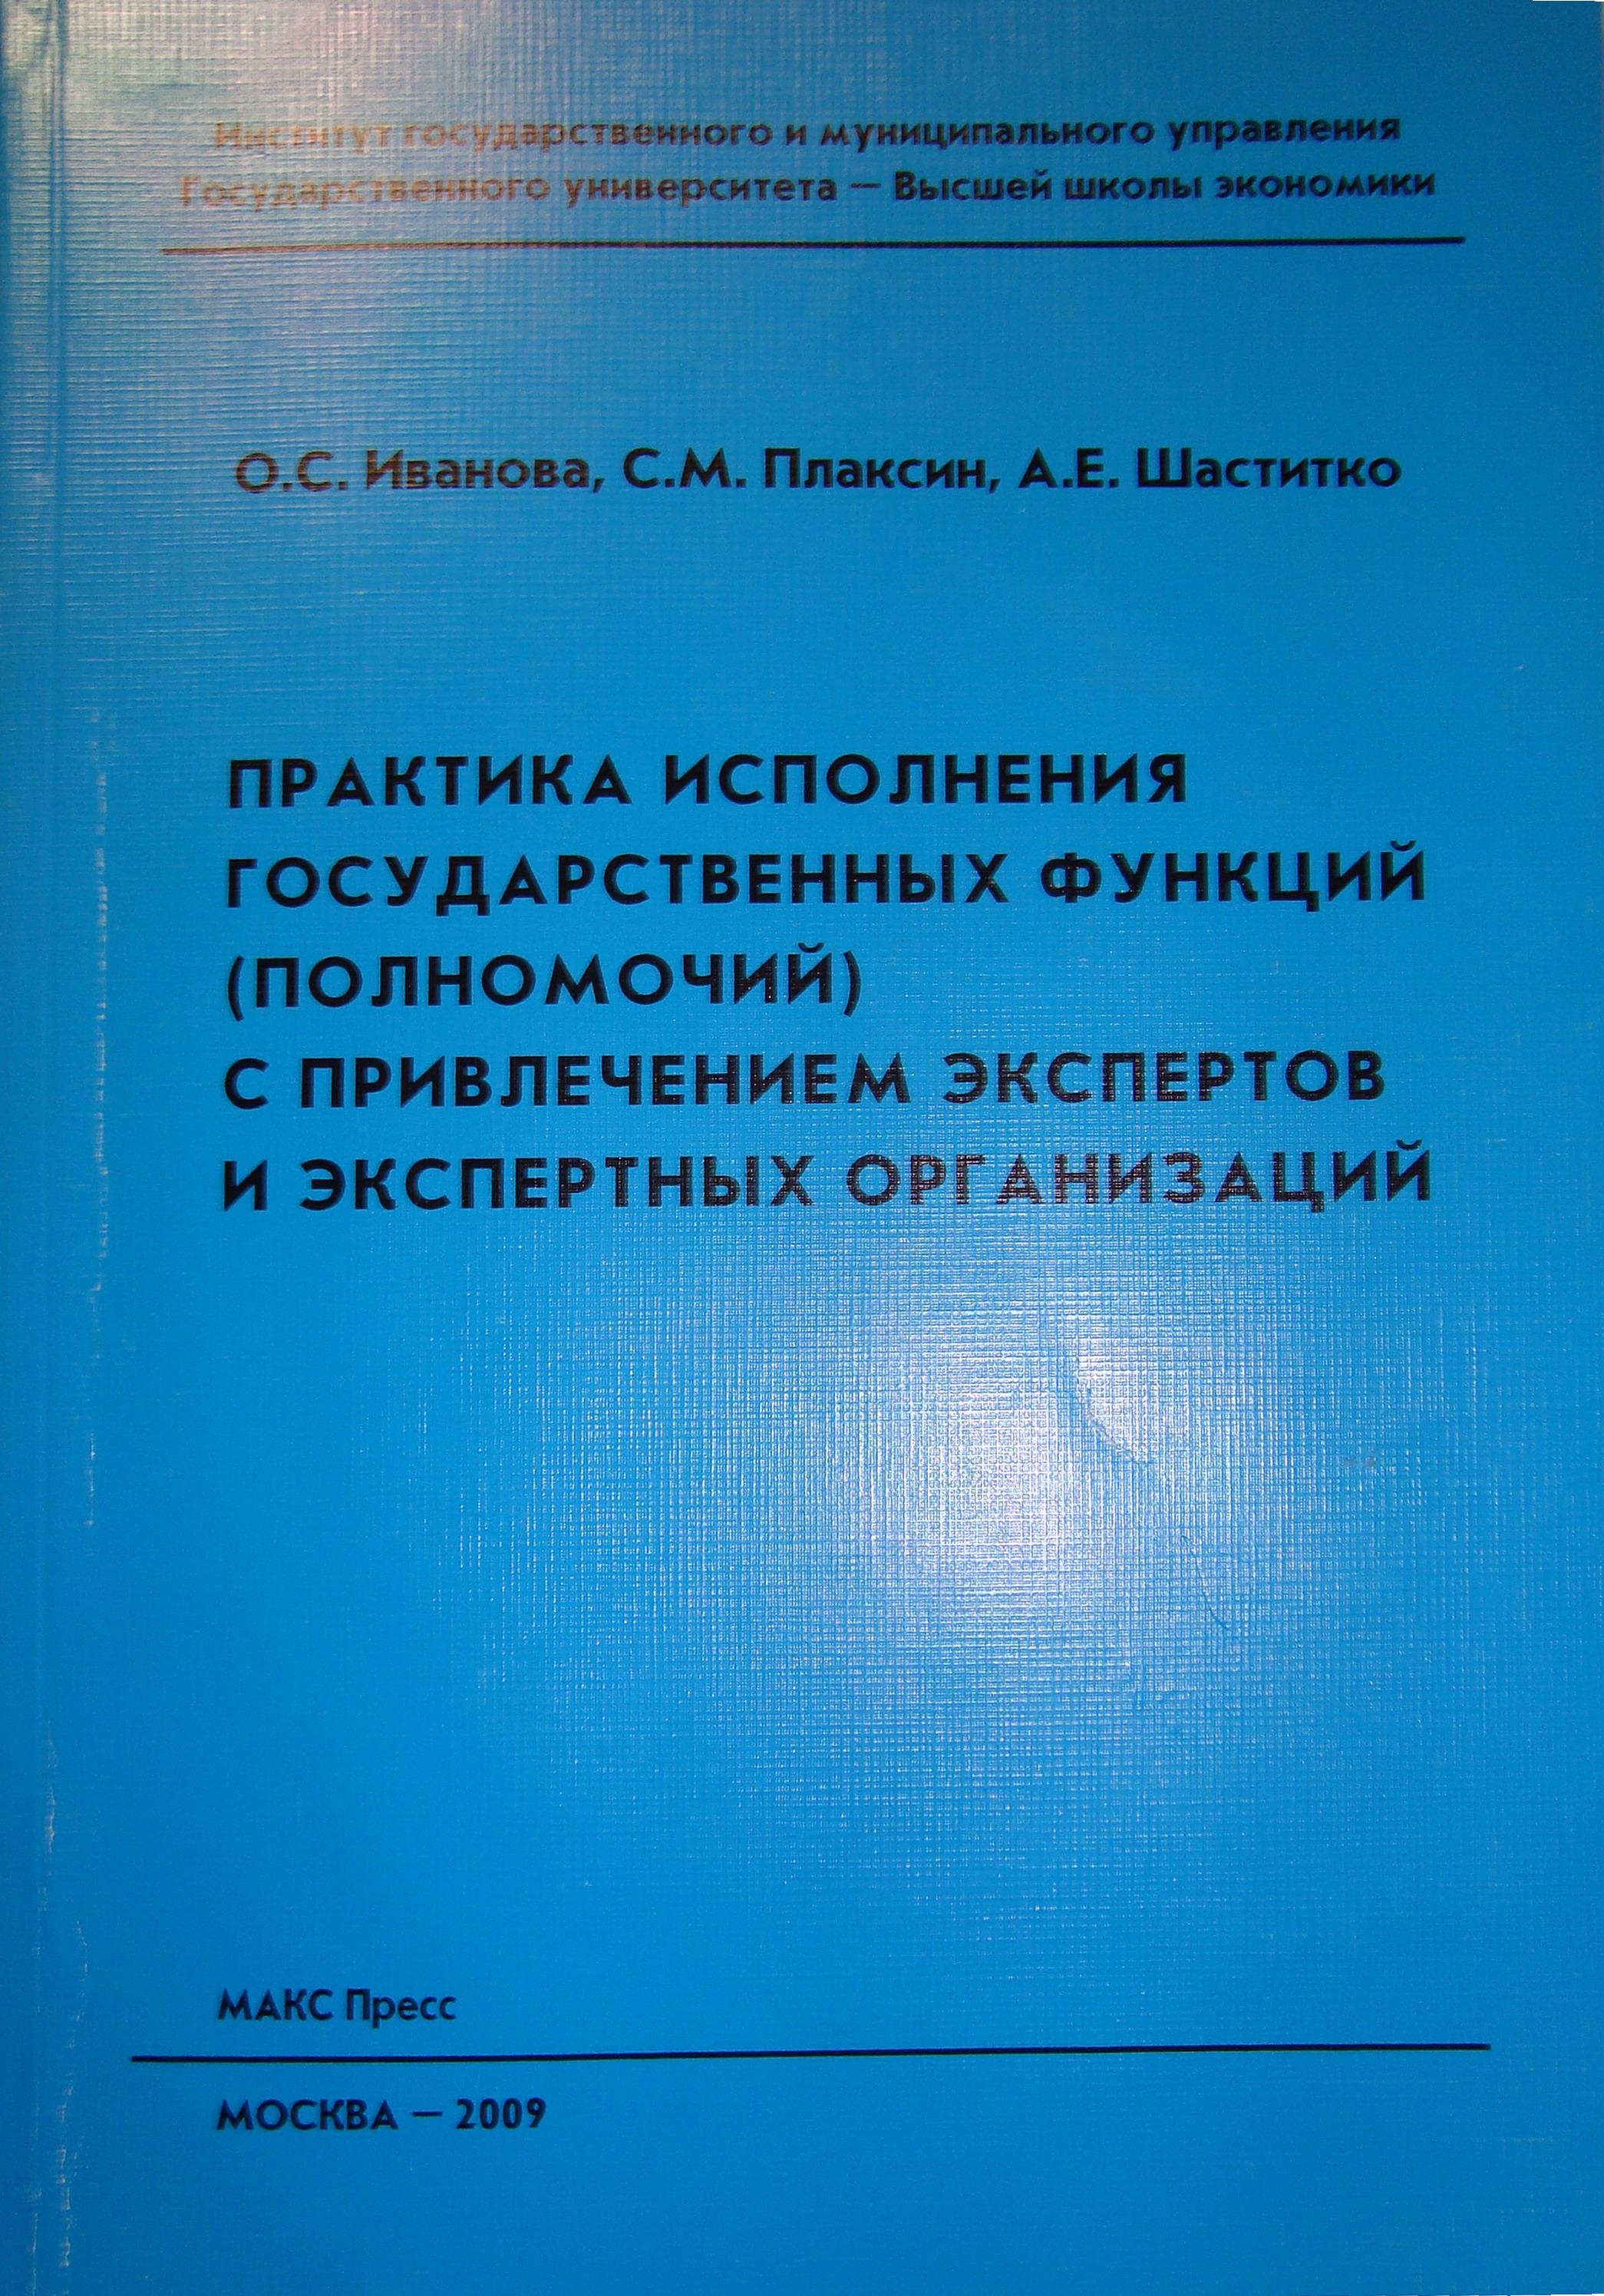 Практика исполнения государственный функций (полномочий) с привлечением экспертов и экспертных организаций